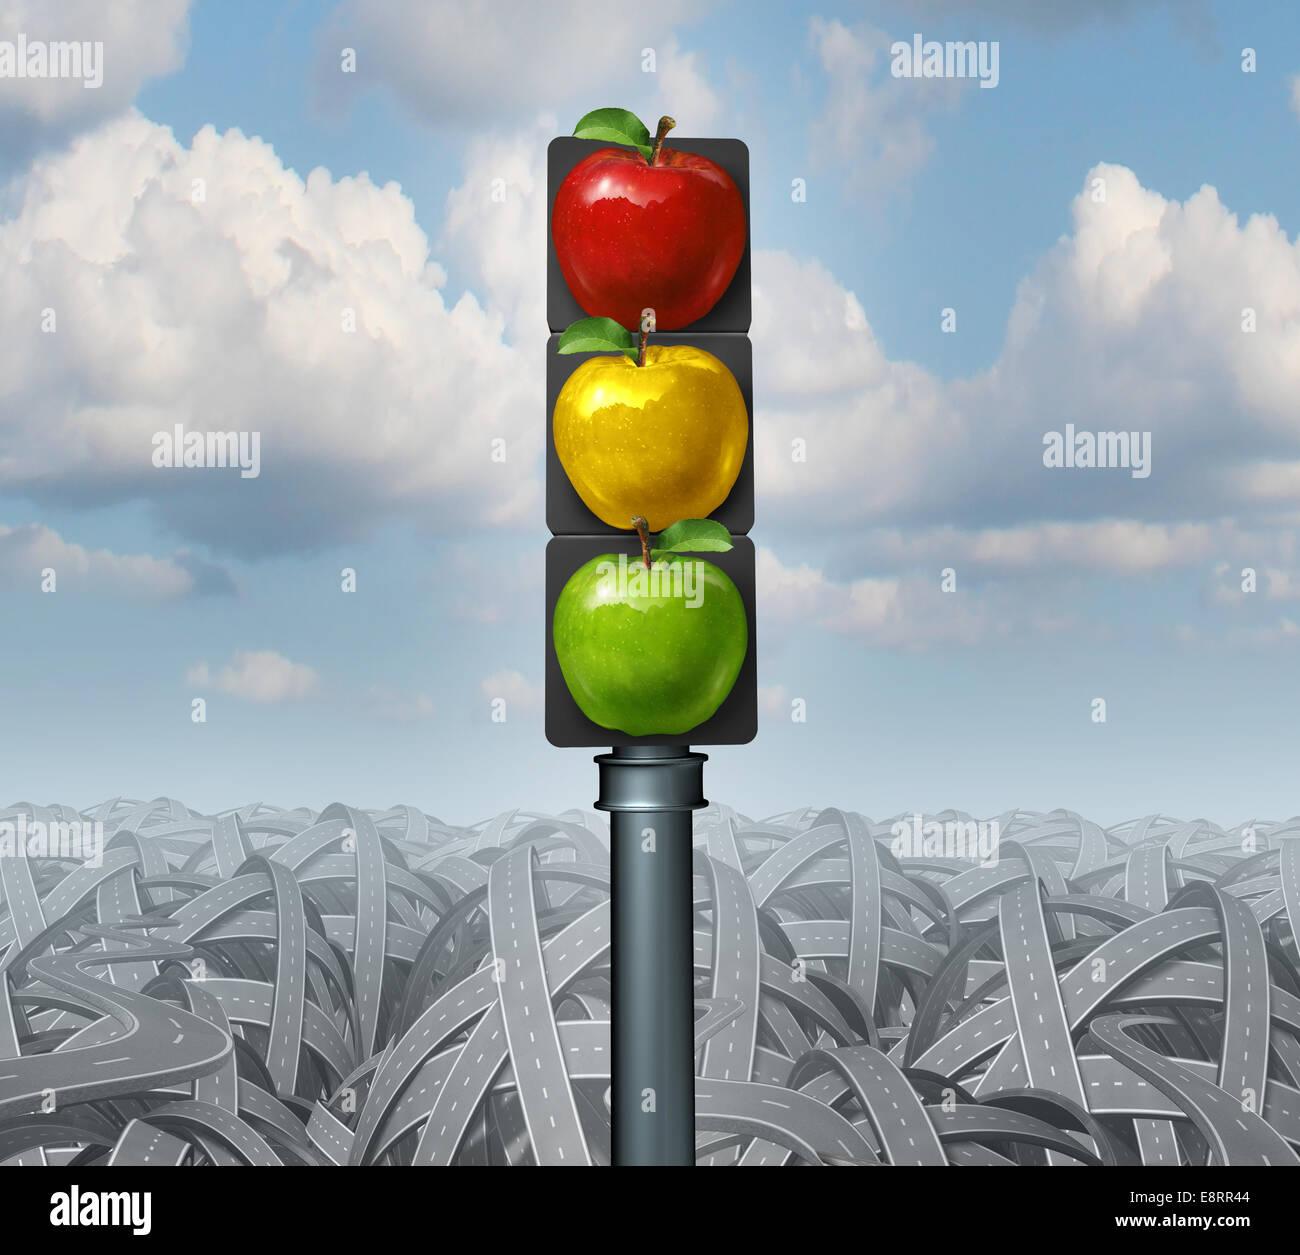 Uno stile di vita sano consigli e mangiare sano concetto come semafori con giallo verde e mele rosse su uno sfondo Immagini Stock